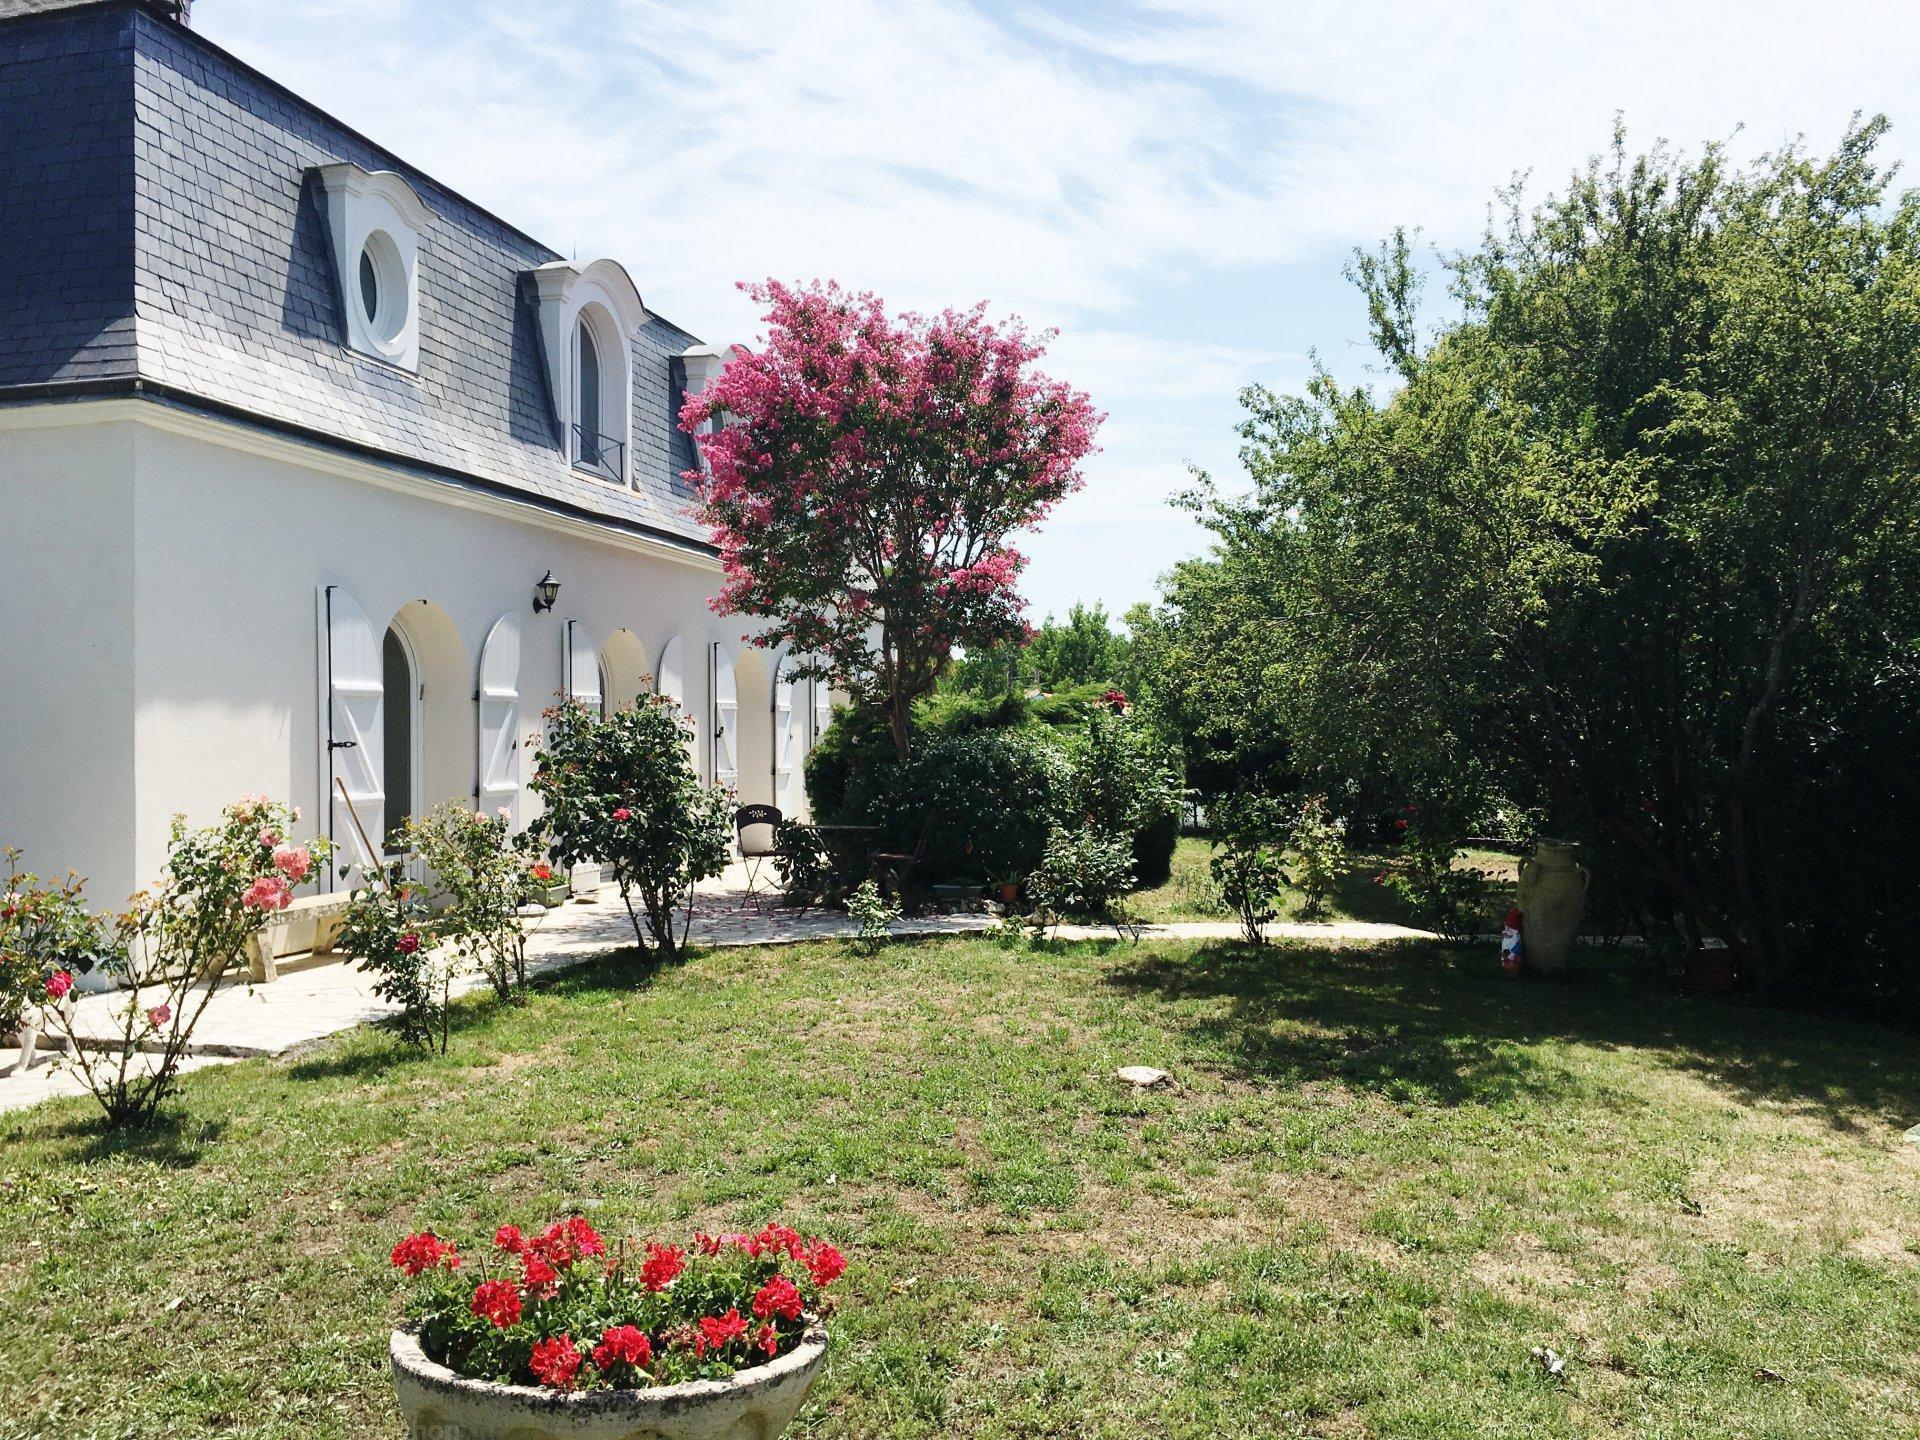 Vente belle demeure 6 chambres avec terrain et piscine chauff e proche bordeaux saint aubin du - Piscine ronde st hyacinthe bordeaux ...